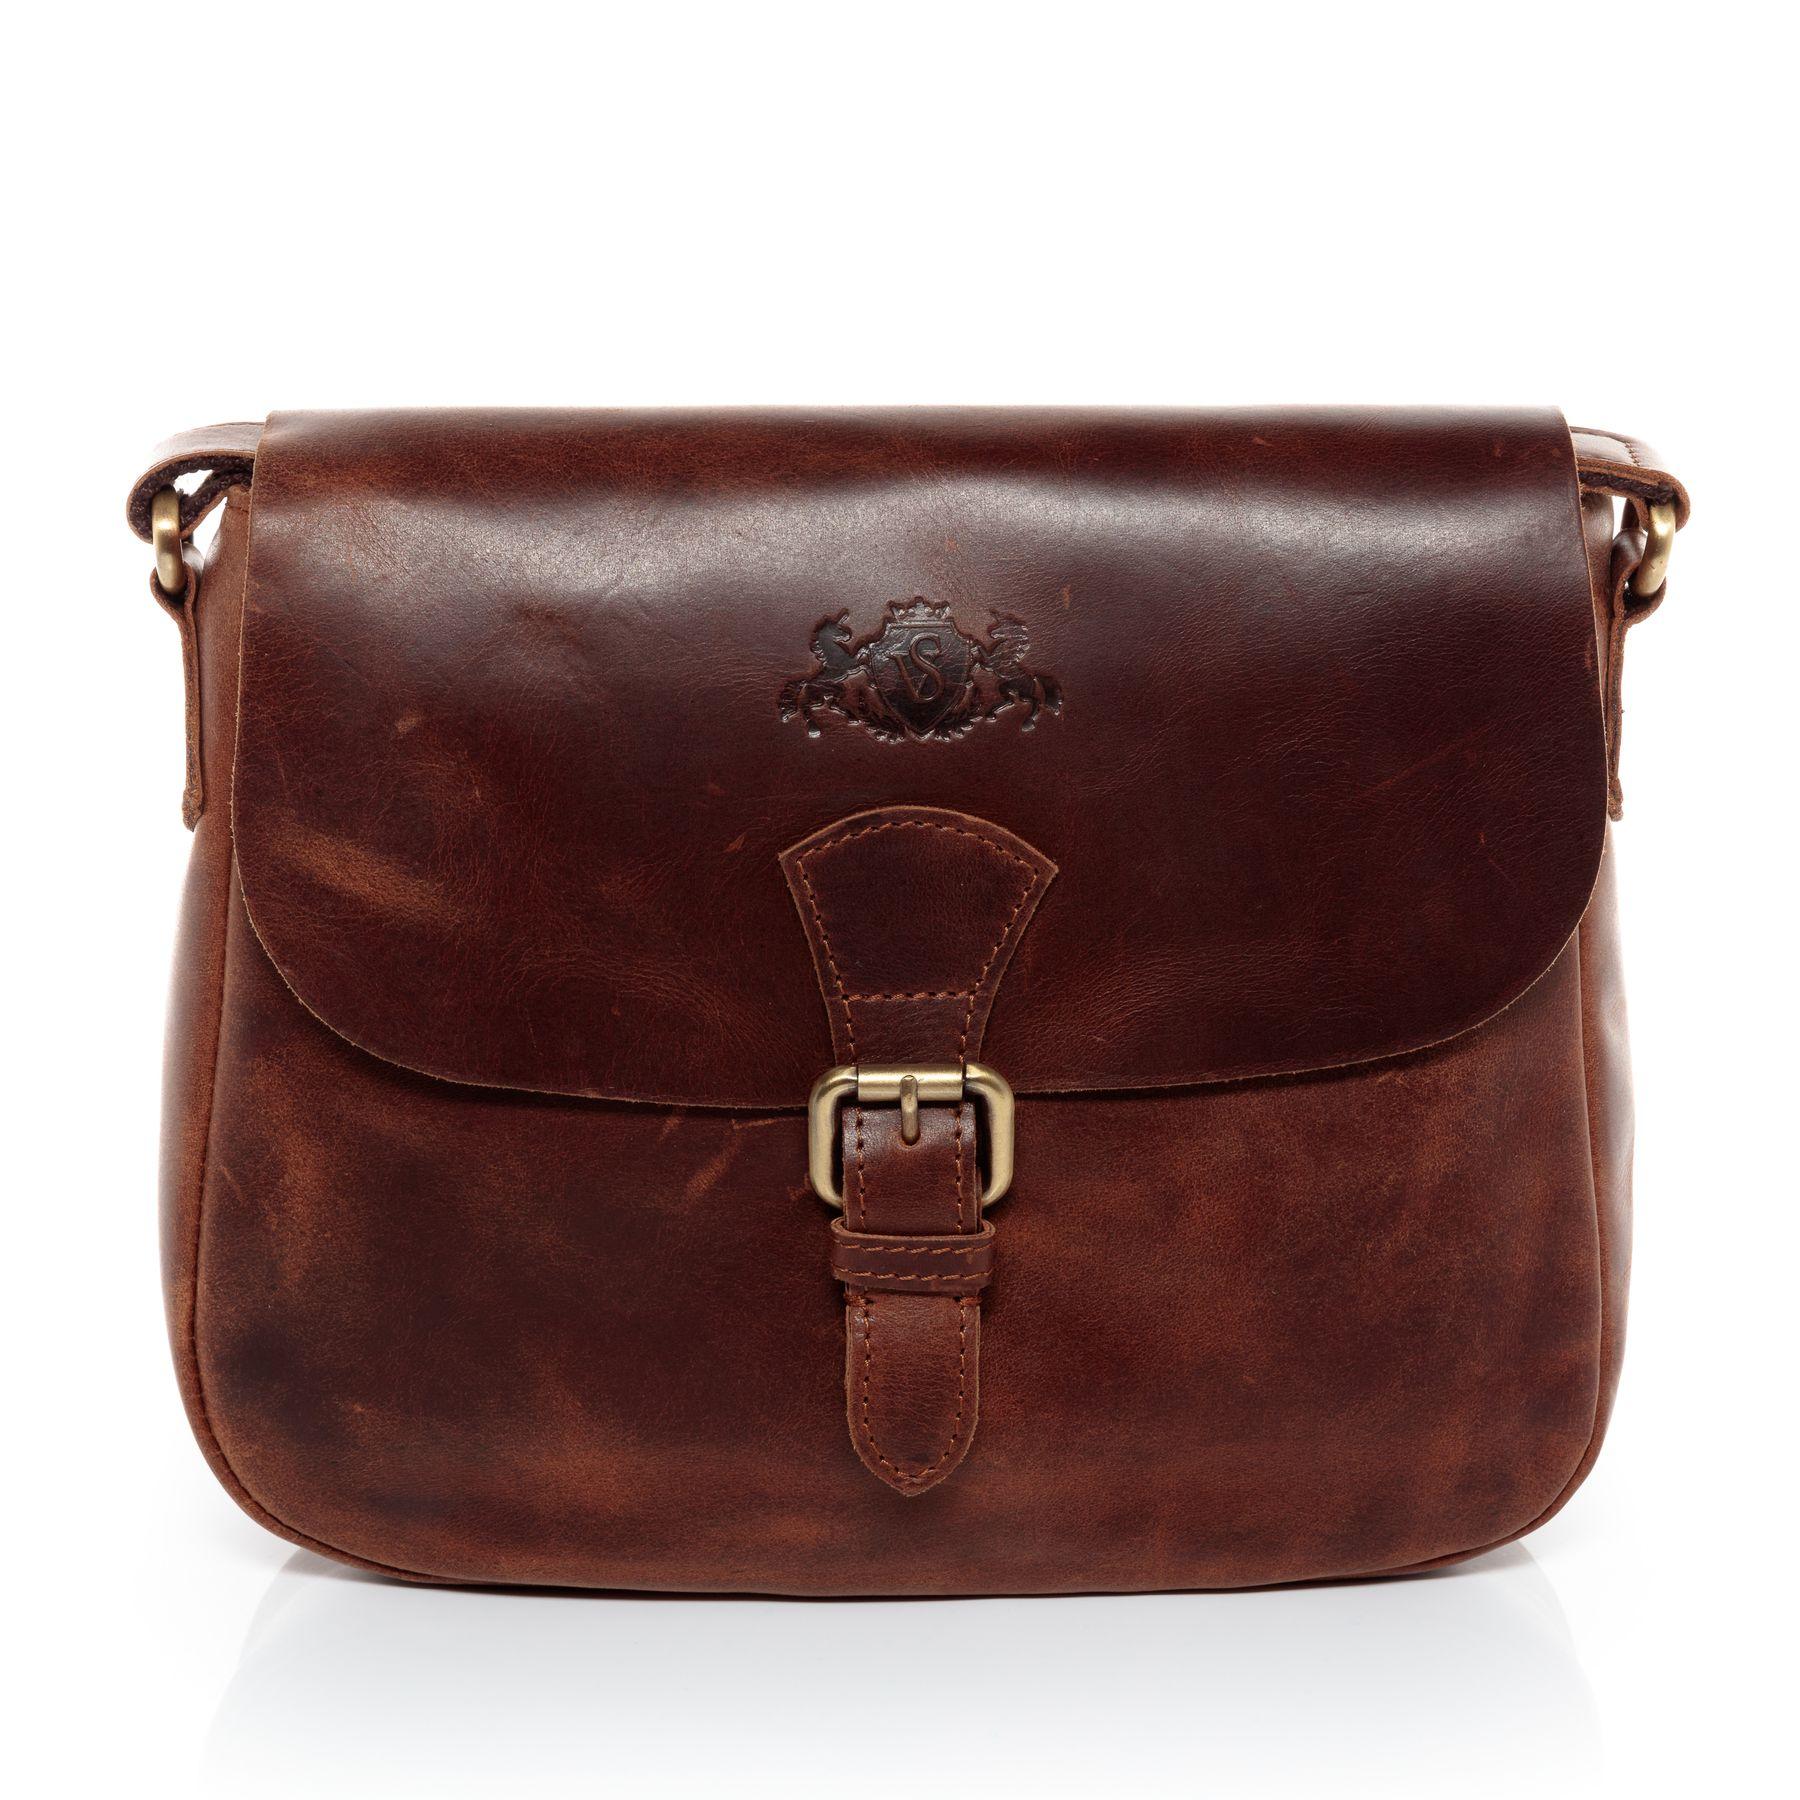 699b1e4cfd SID & VAIN shoulder bag & cross-body bag Natural Leather ABERDEEN  brown-cognac tote bag handbag top-handle bag Bags Women's bags